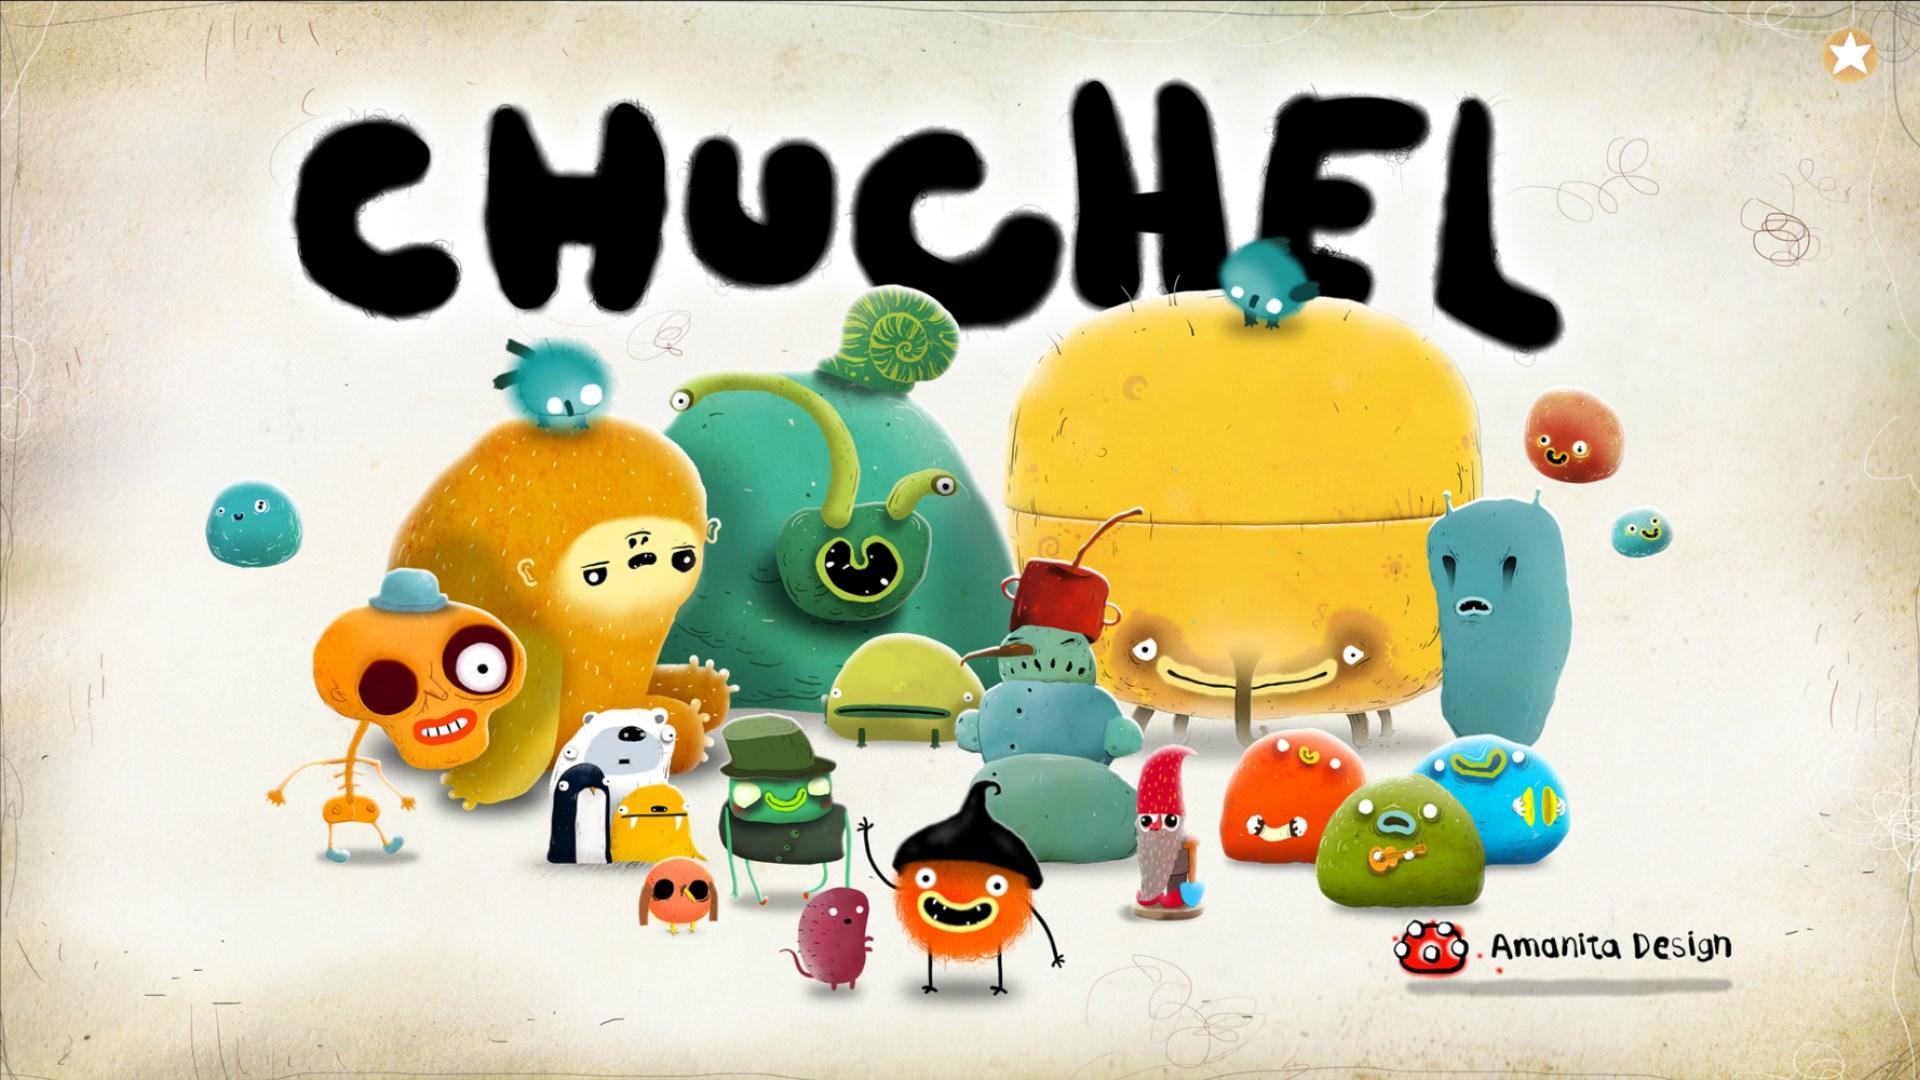 [Critique] Chuchel